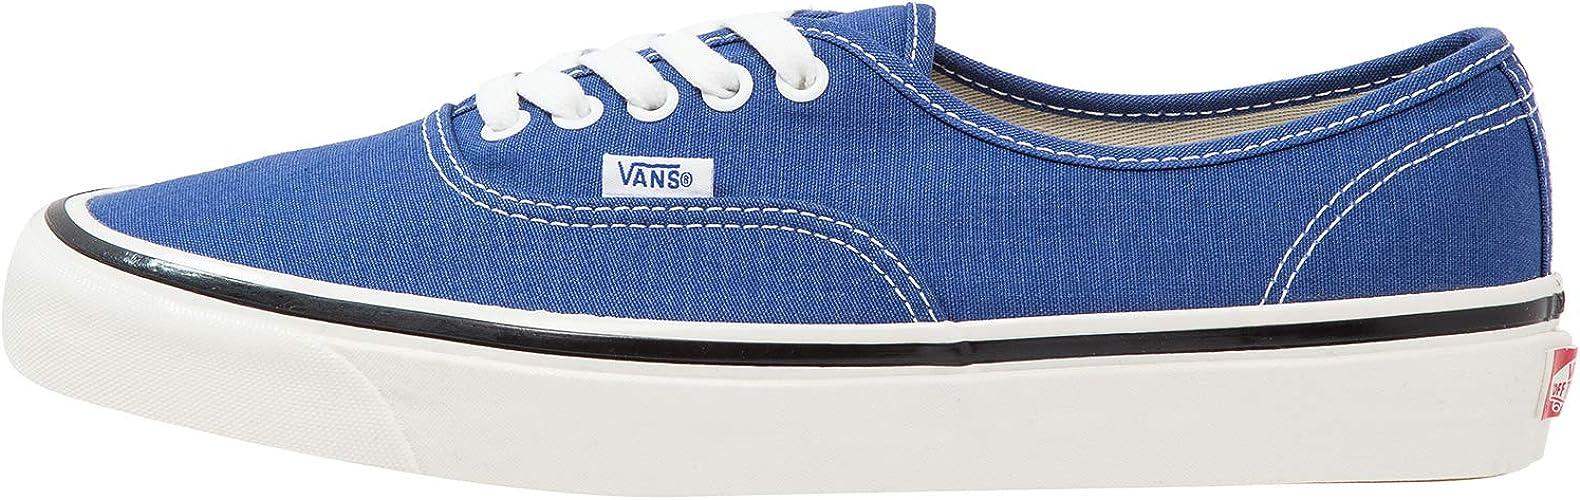 Vans Authentic 33 DX Blue Womens 12 / Mens 10.5 : Amazon.ca ...